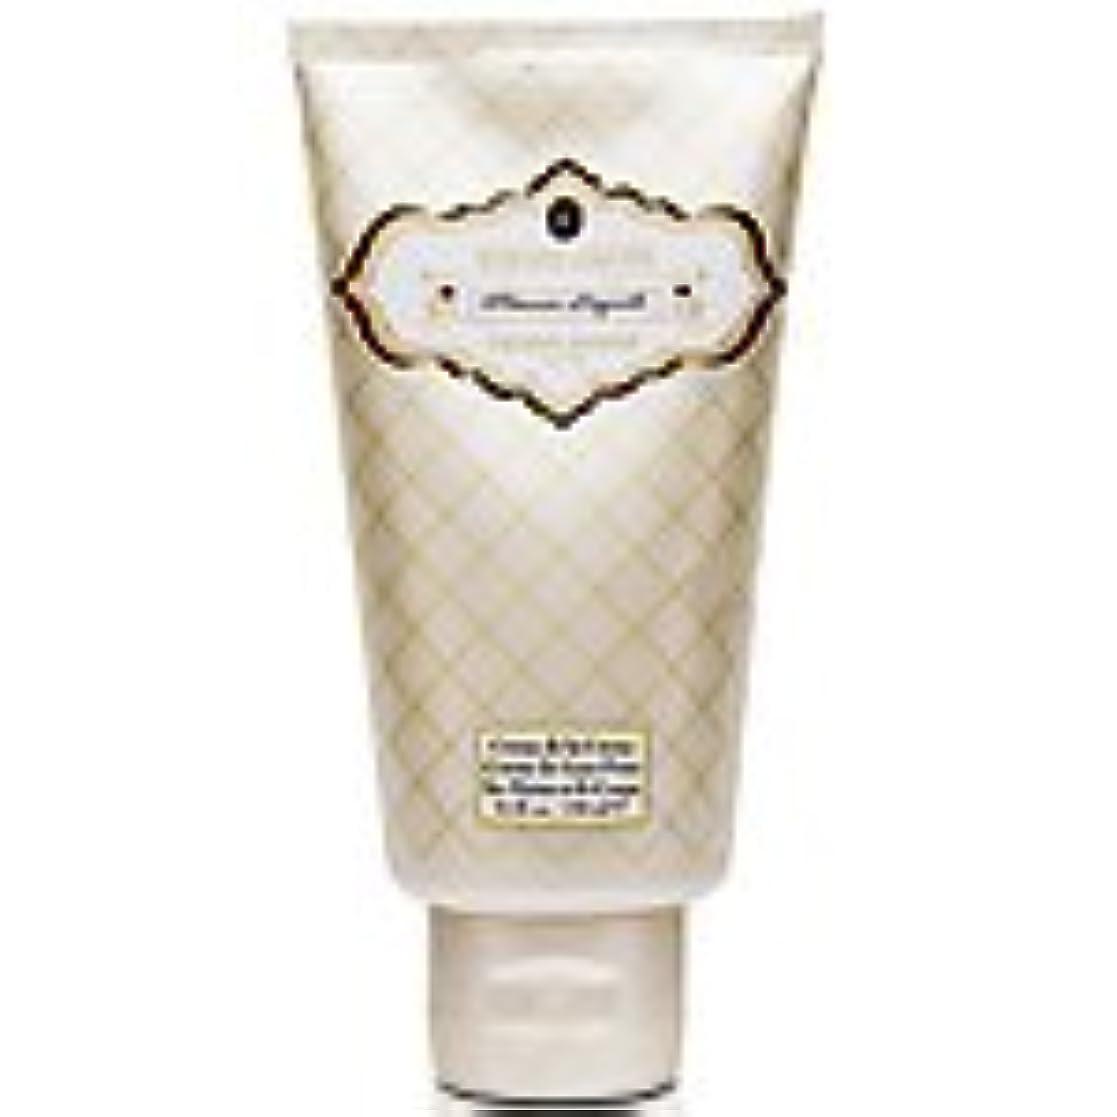 セラー安全でない取り付けMemoire Liquide Reserve - Amour Liquide (メモワールリキッドリザーブ - アモアーリキッド) 5.1 oz (153ml) Body Cream for Unisex